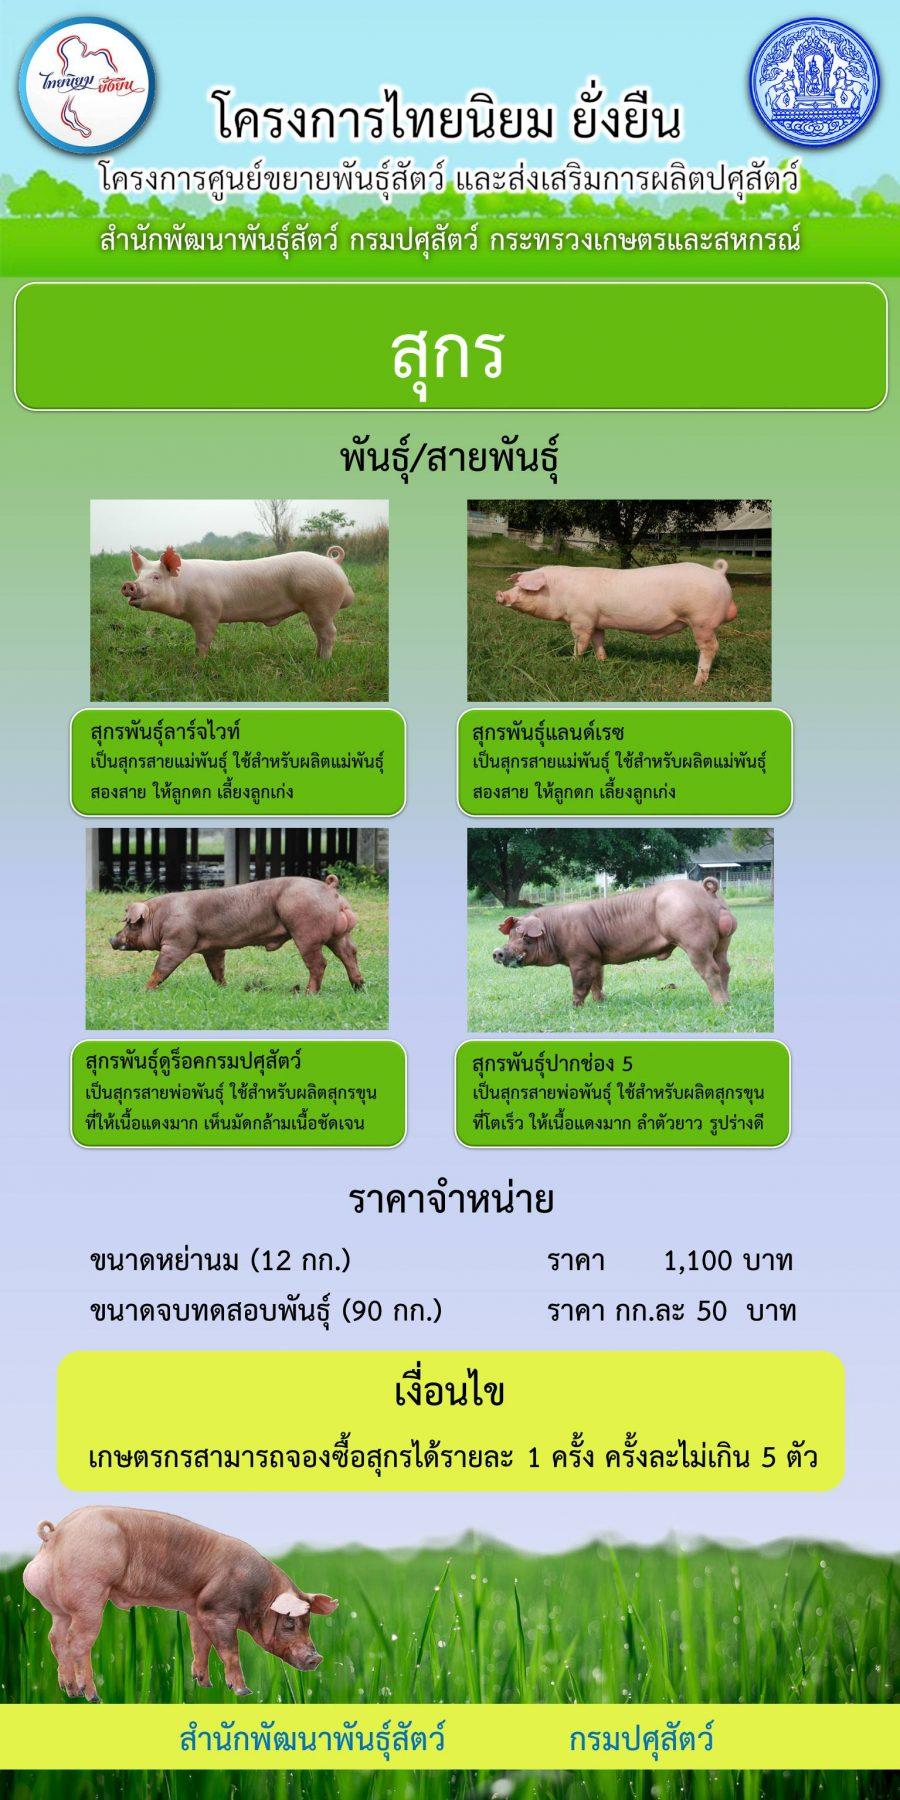 ราคาจำหน่ายพันธุ์สุกร ของ ศูนย์วิจัยและพัฒนาสุกร ตามโครงการไทยนิยม ยั่งยืน